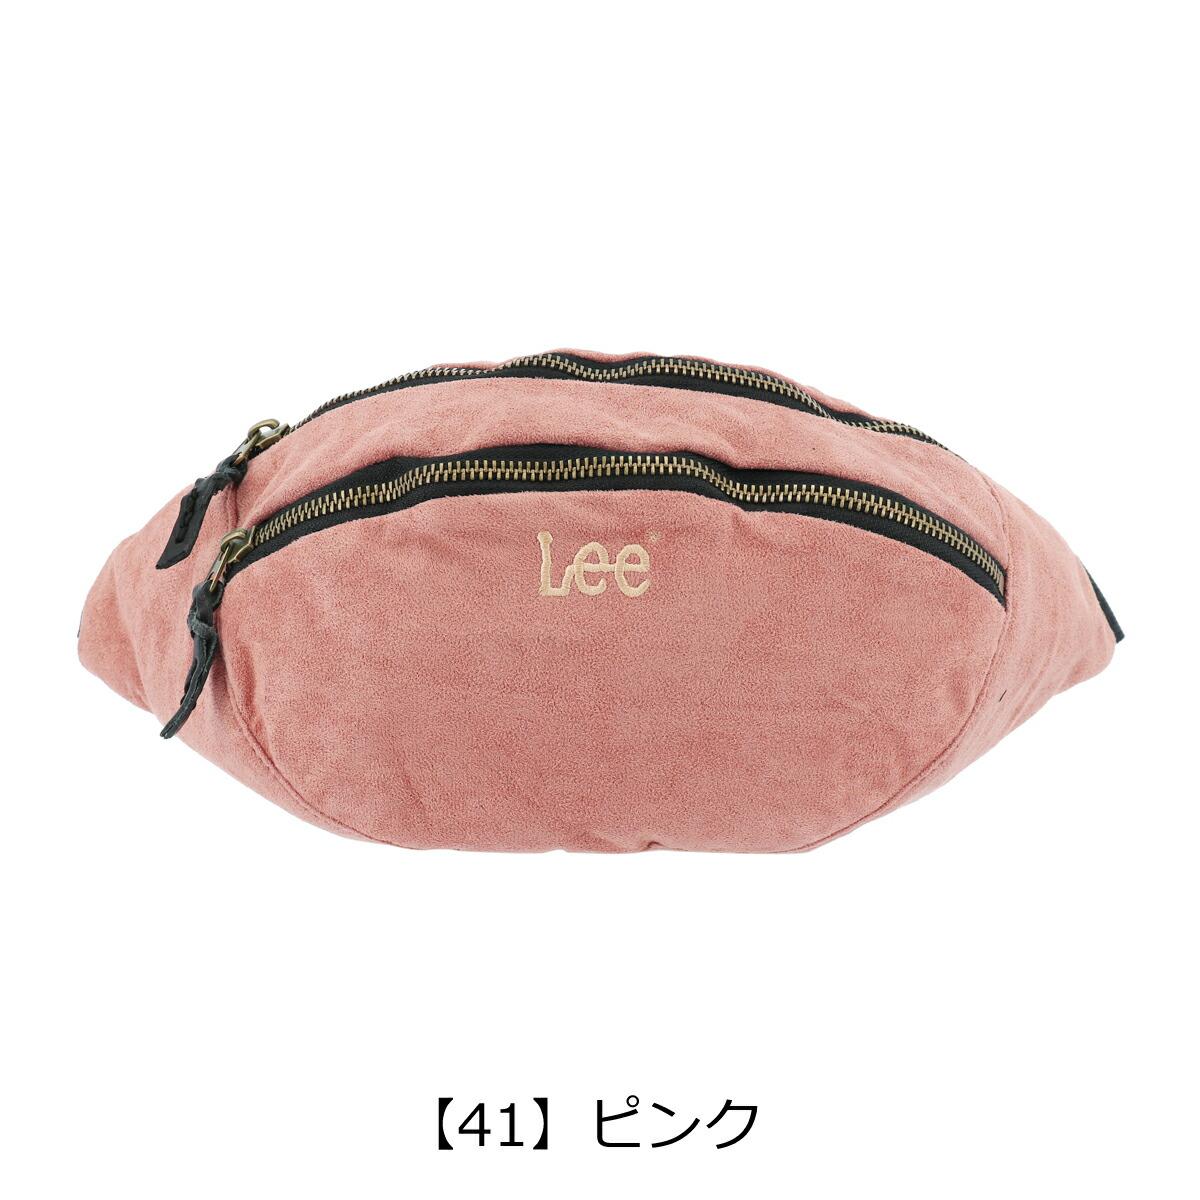 【41】ピンク